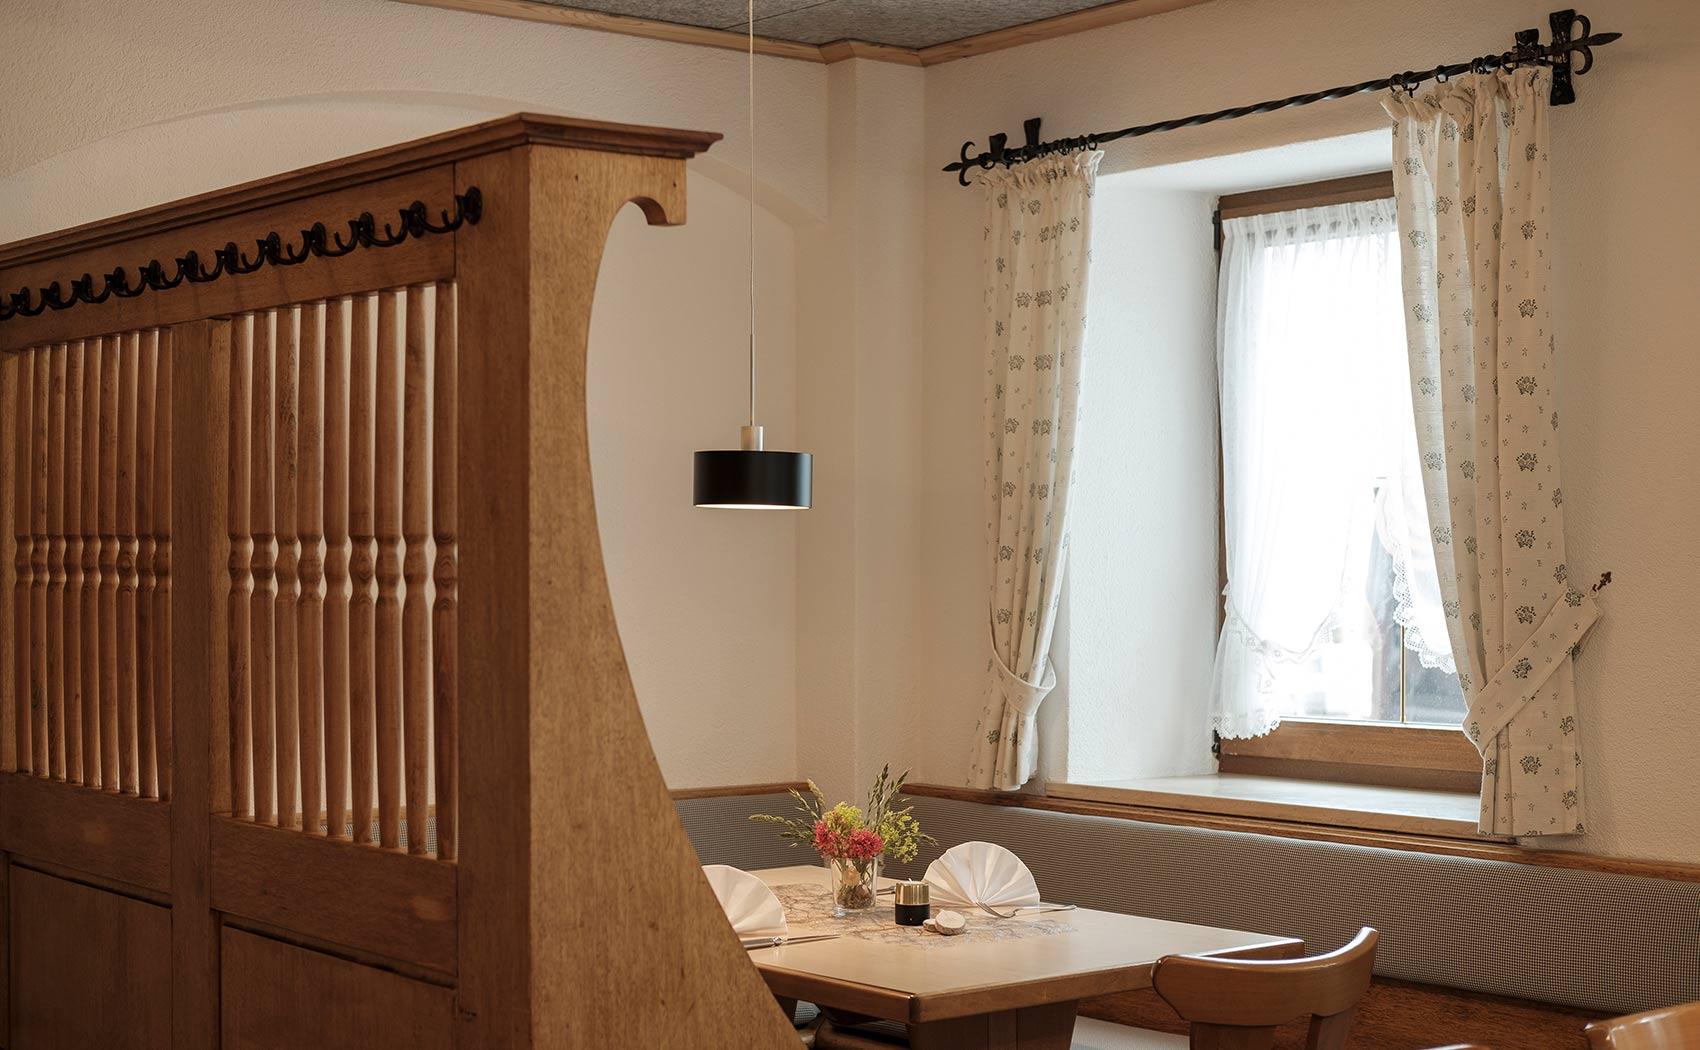 Foto- und Grafikdesign für den Gasthof Adler von Bernhard Munding